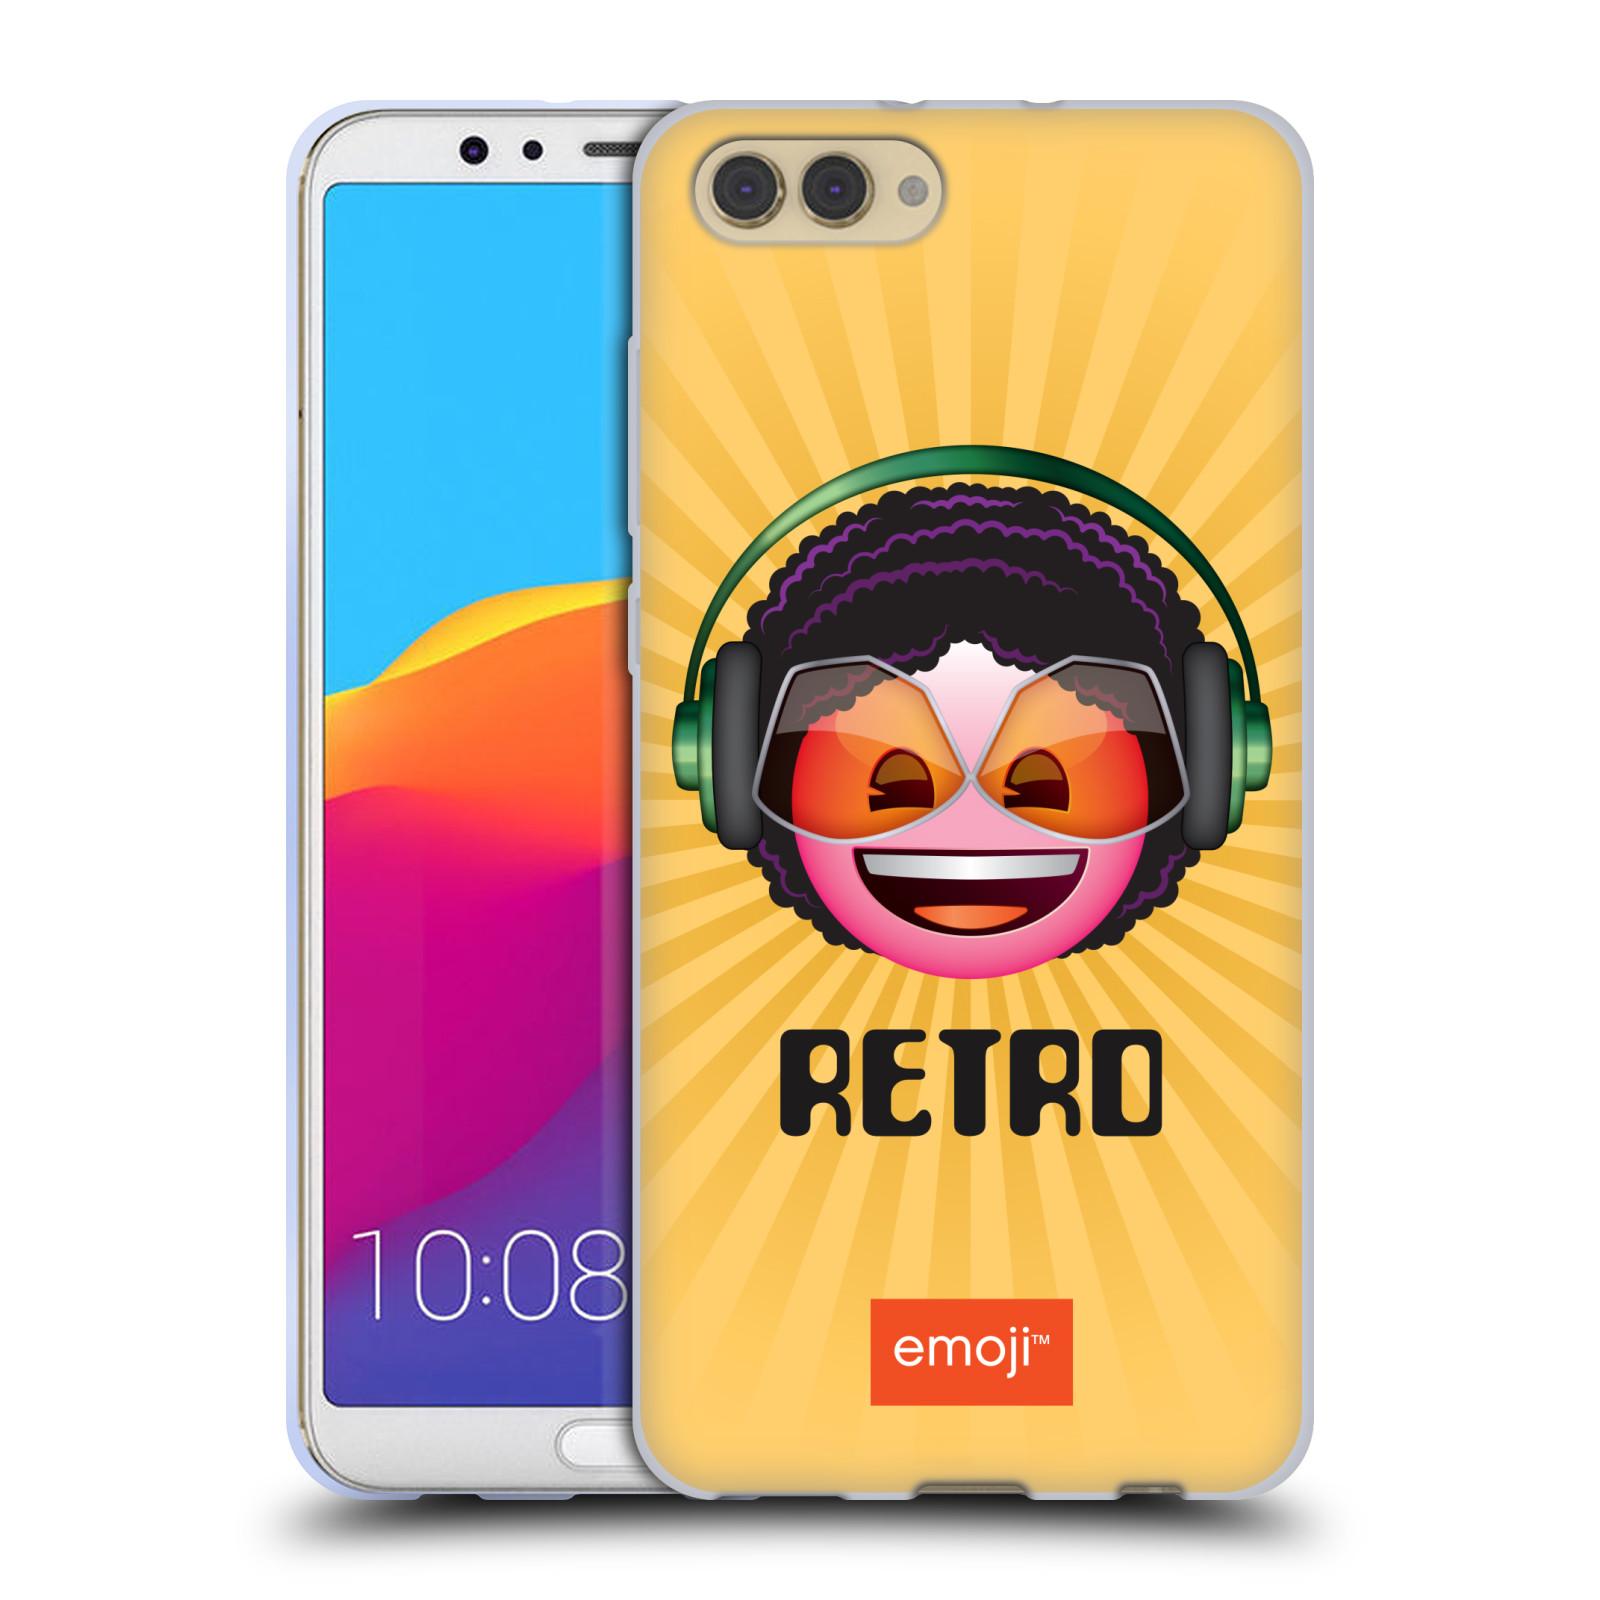 HEAD CASE silikonový obal na mobil Huawei HONOR VIEW 10 / V10 oficiální kryt EMOJI hudba hudební styl RETRO